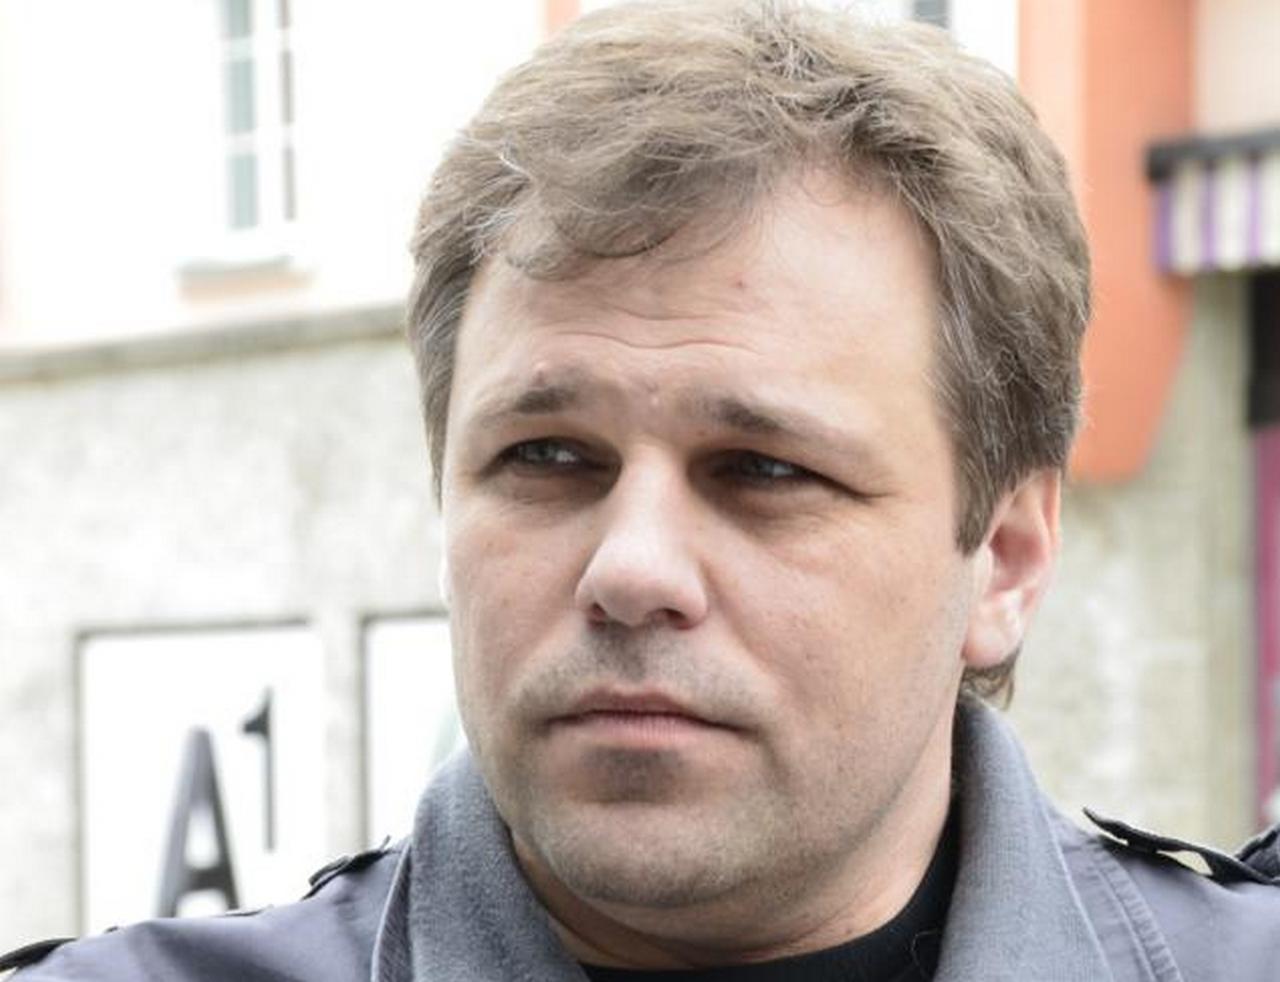 Родион Мирошник: Киев выстраивает новую мифологию для продолжения войны